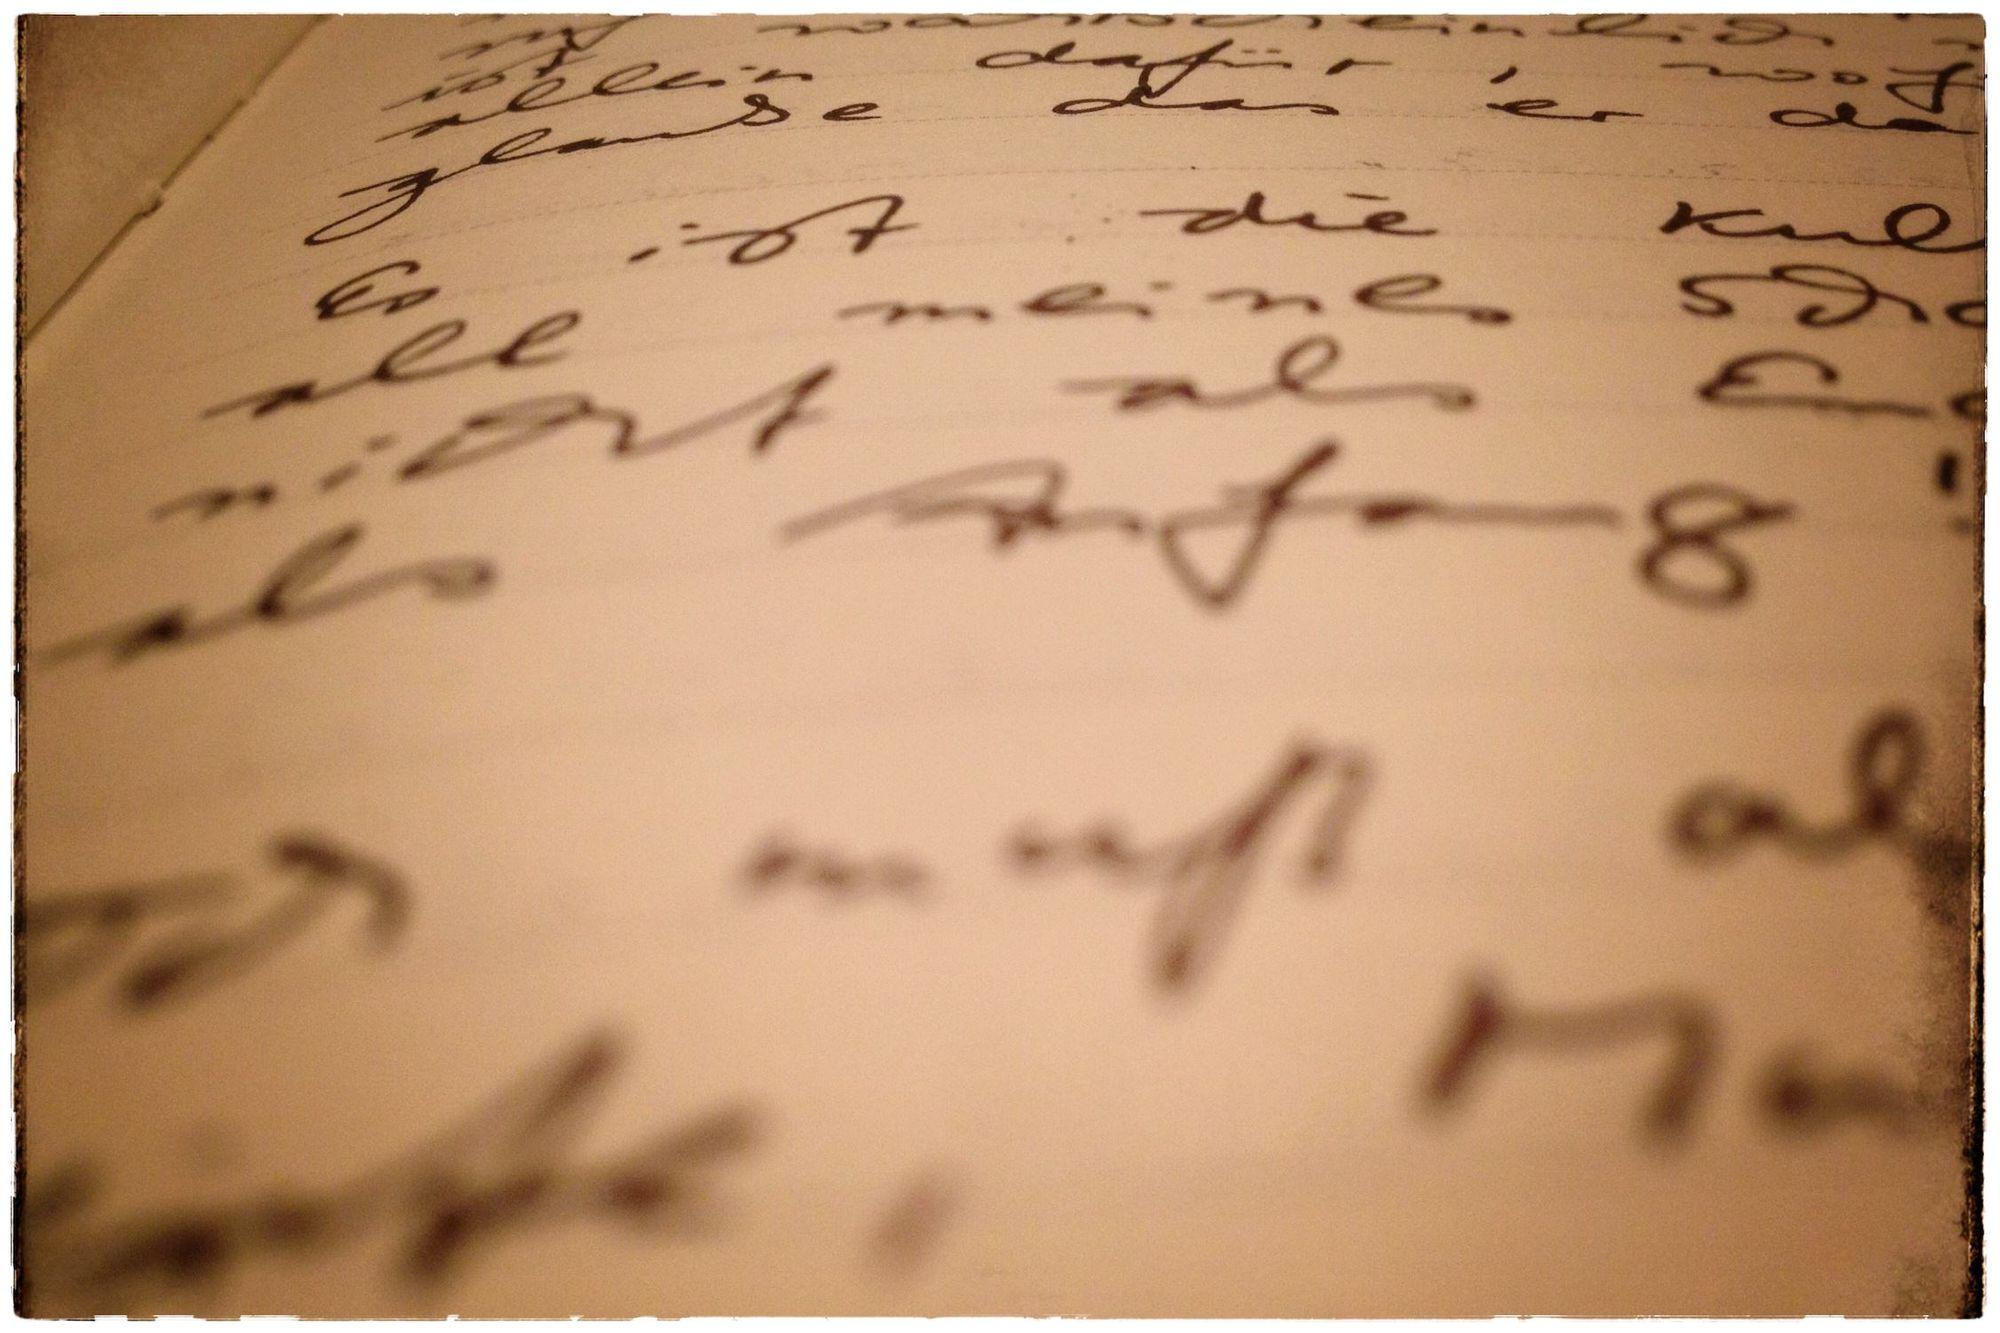 Notizen des Herausgebers - Über Stolpersteine auf dem Weg